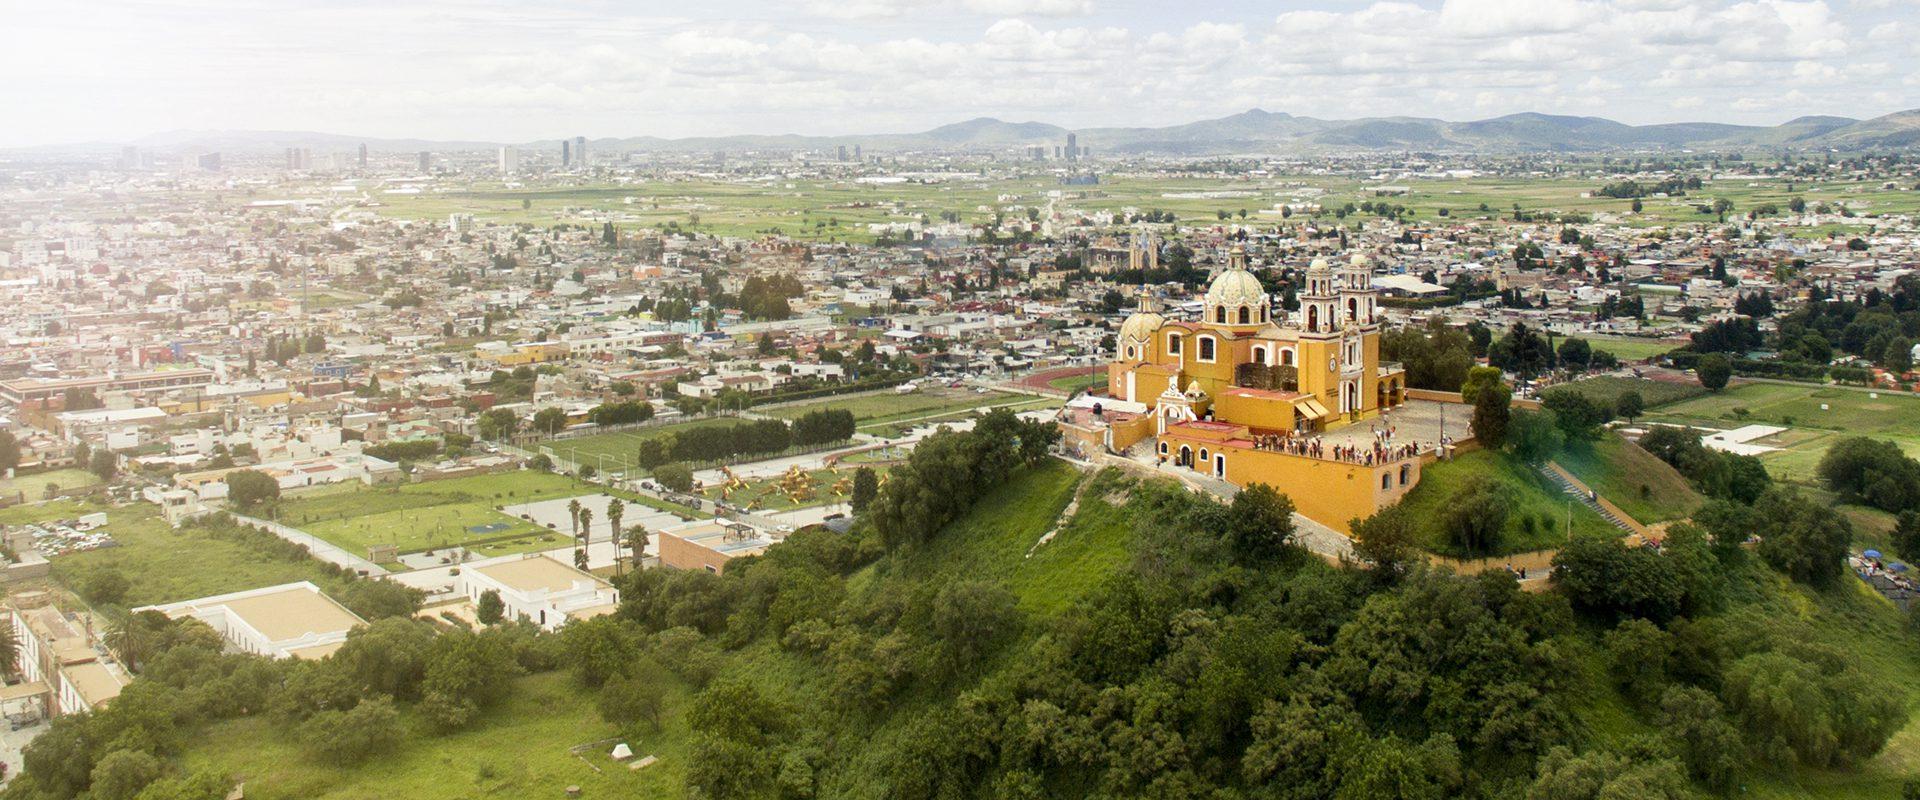 Puebla - Viajeros con B